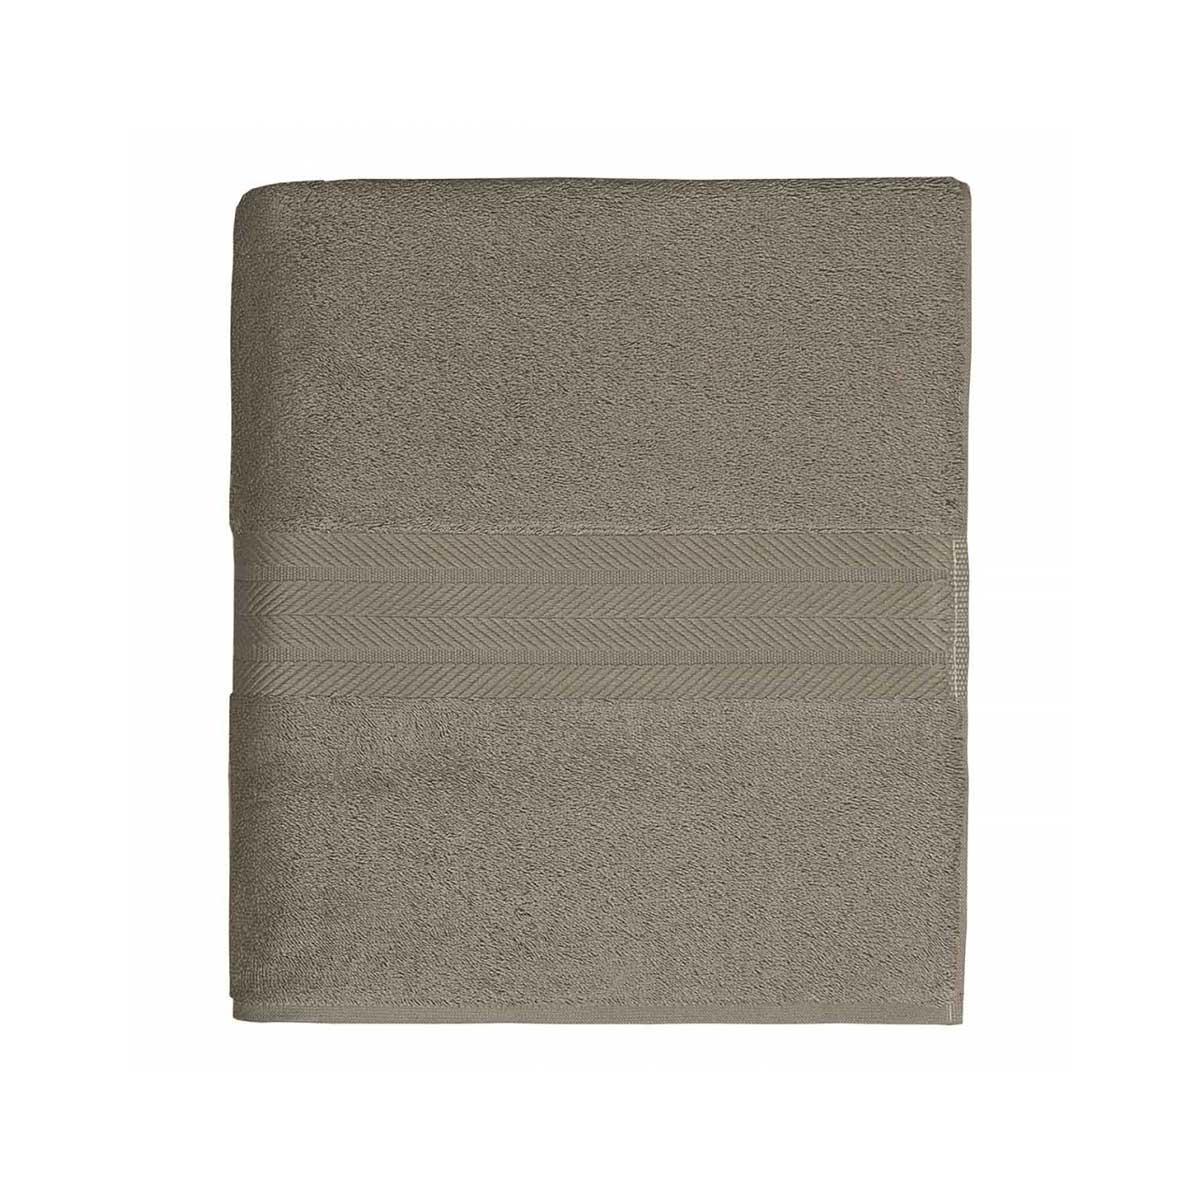 Linge de bain en coton moelleux 550gr/m² - Mastic - 70 x 140 cm